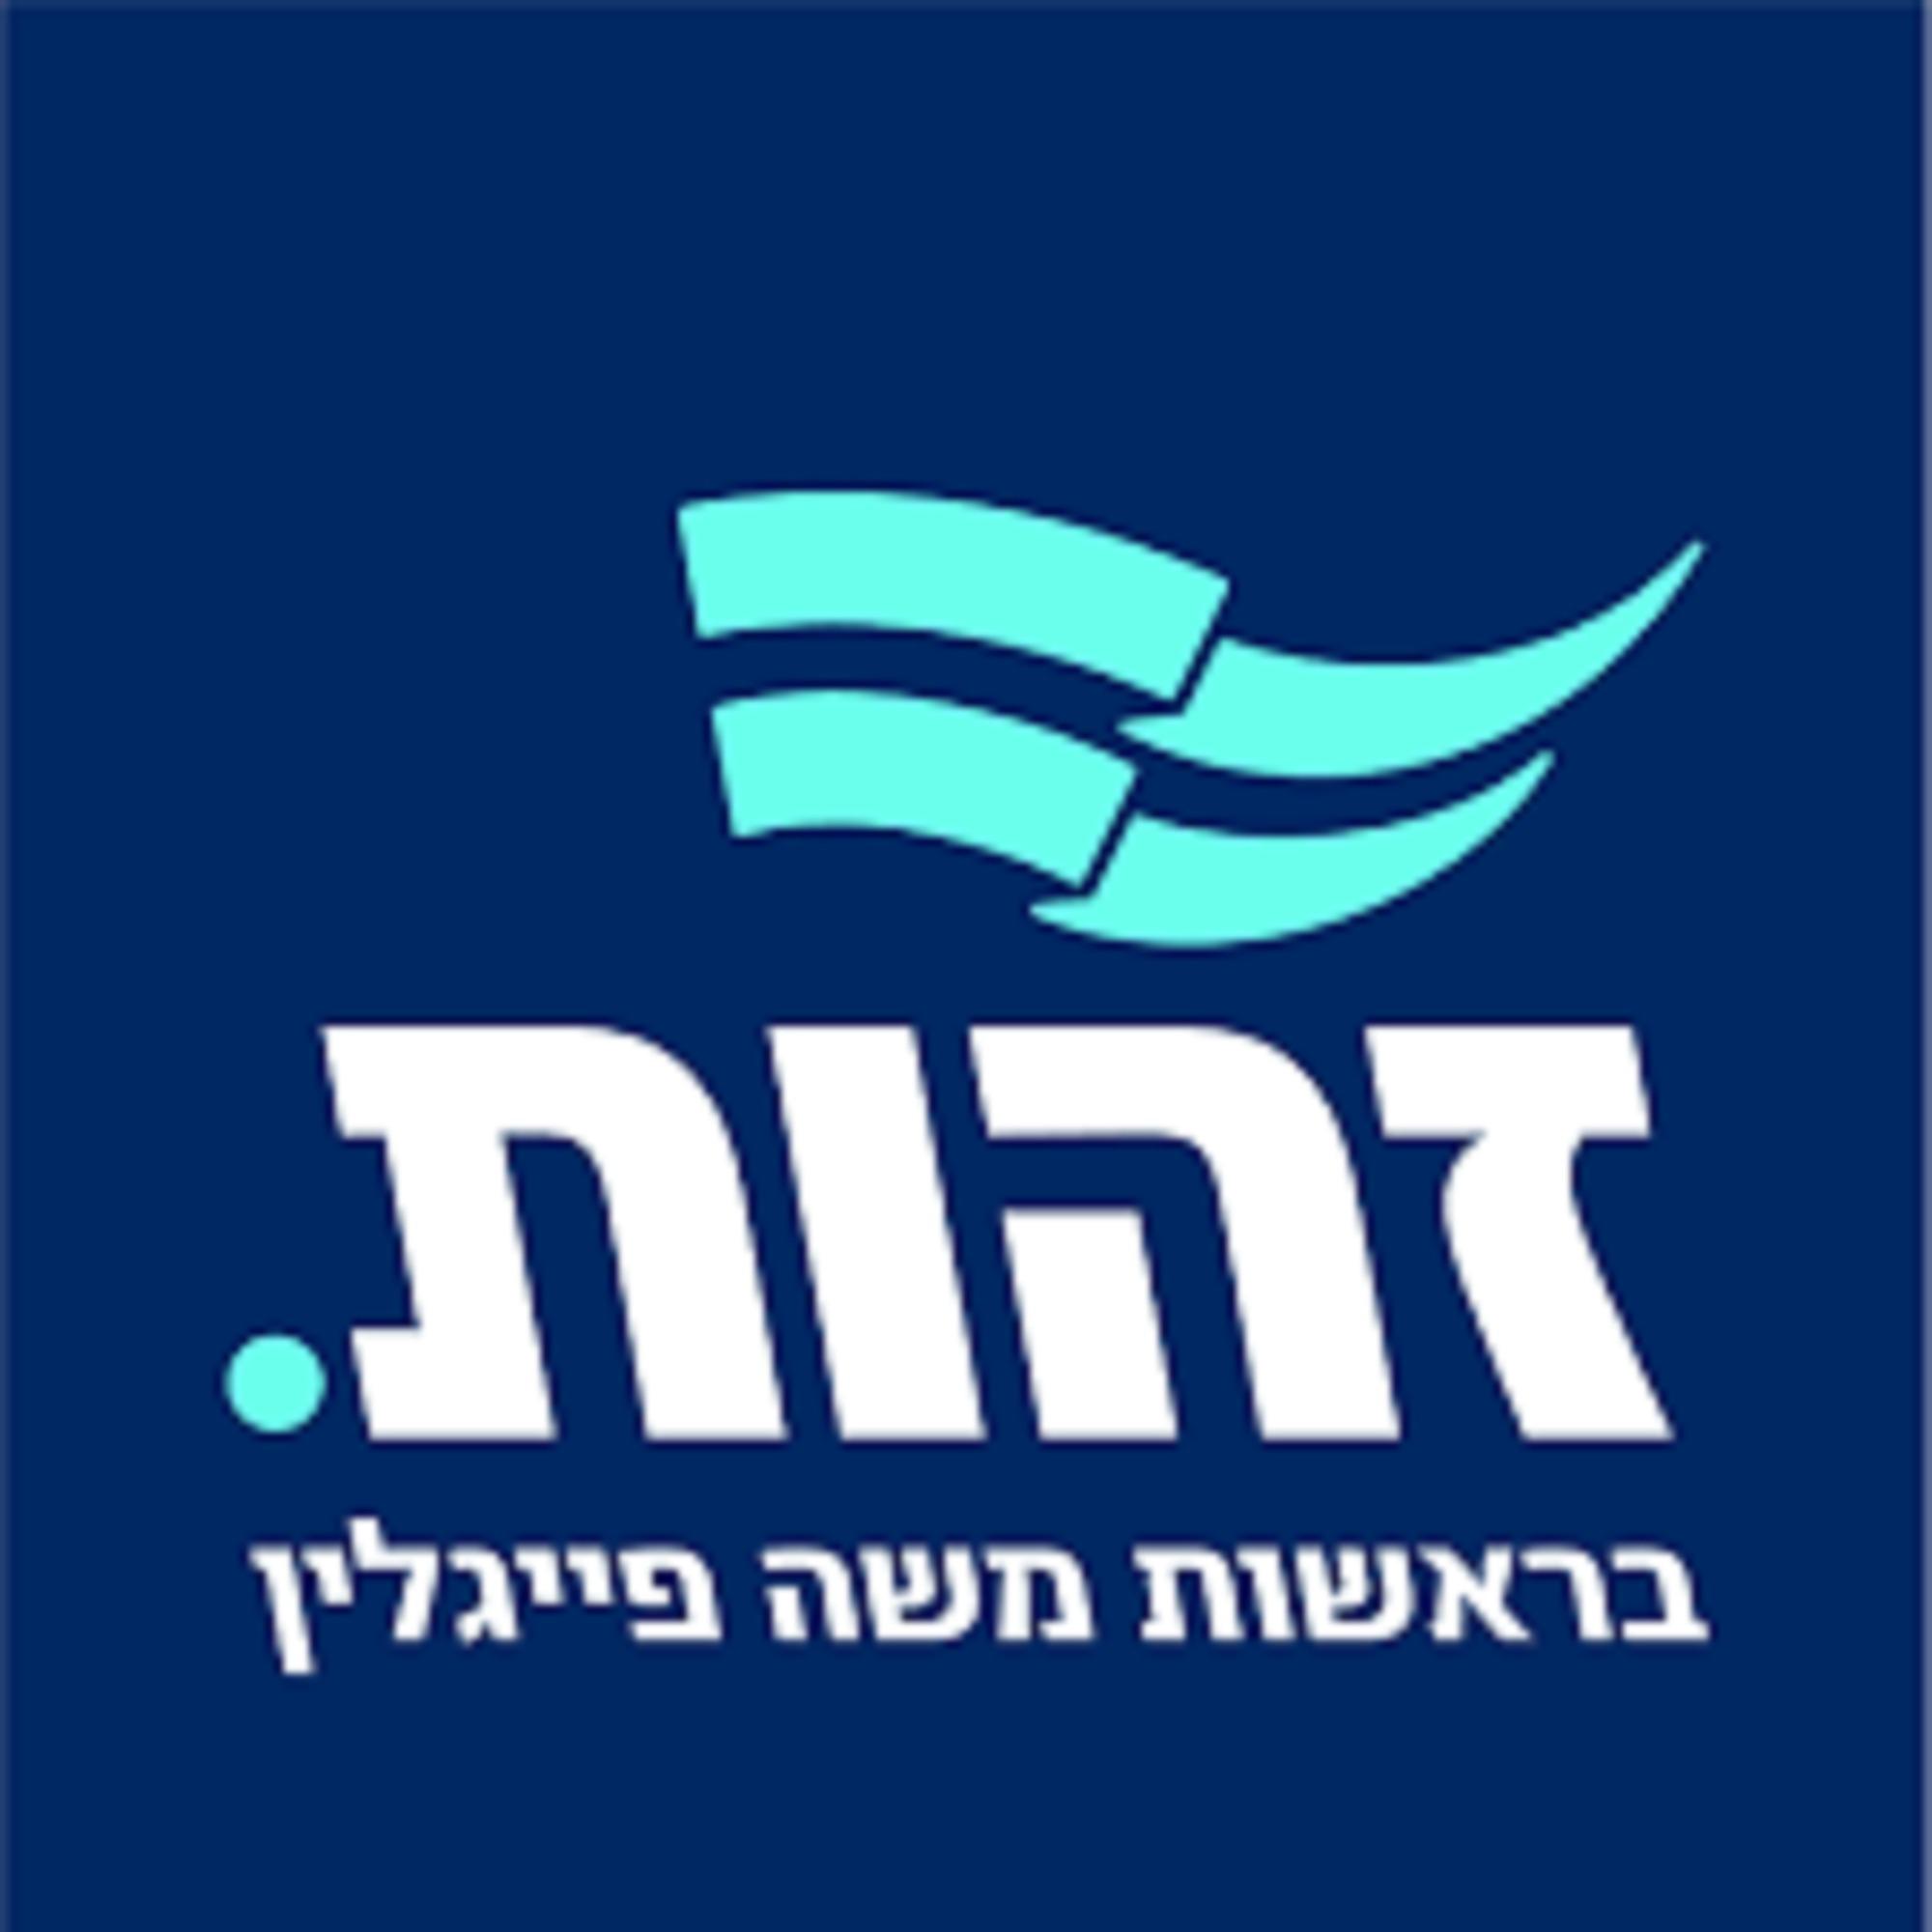 חופש כלכלי, חינוך ואיך ישראל יכולה להפוך למדינה העשירה בעולם. ראיון עם גלעד אלפר בקול הקמפוס